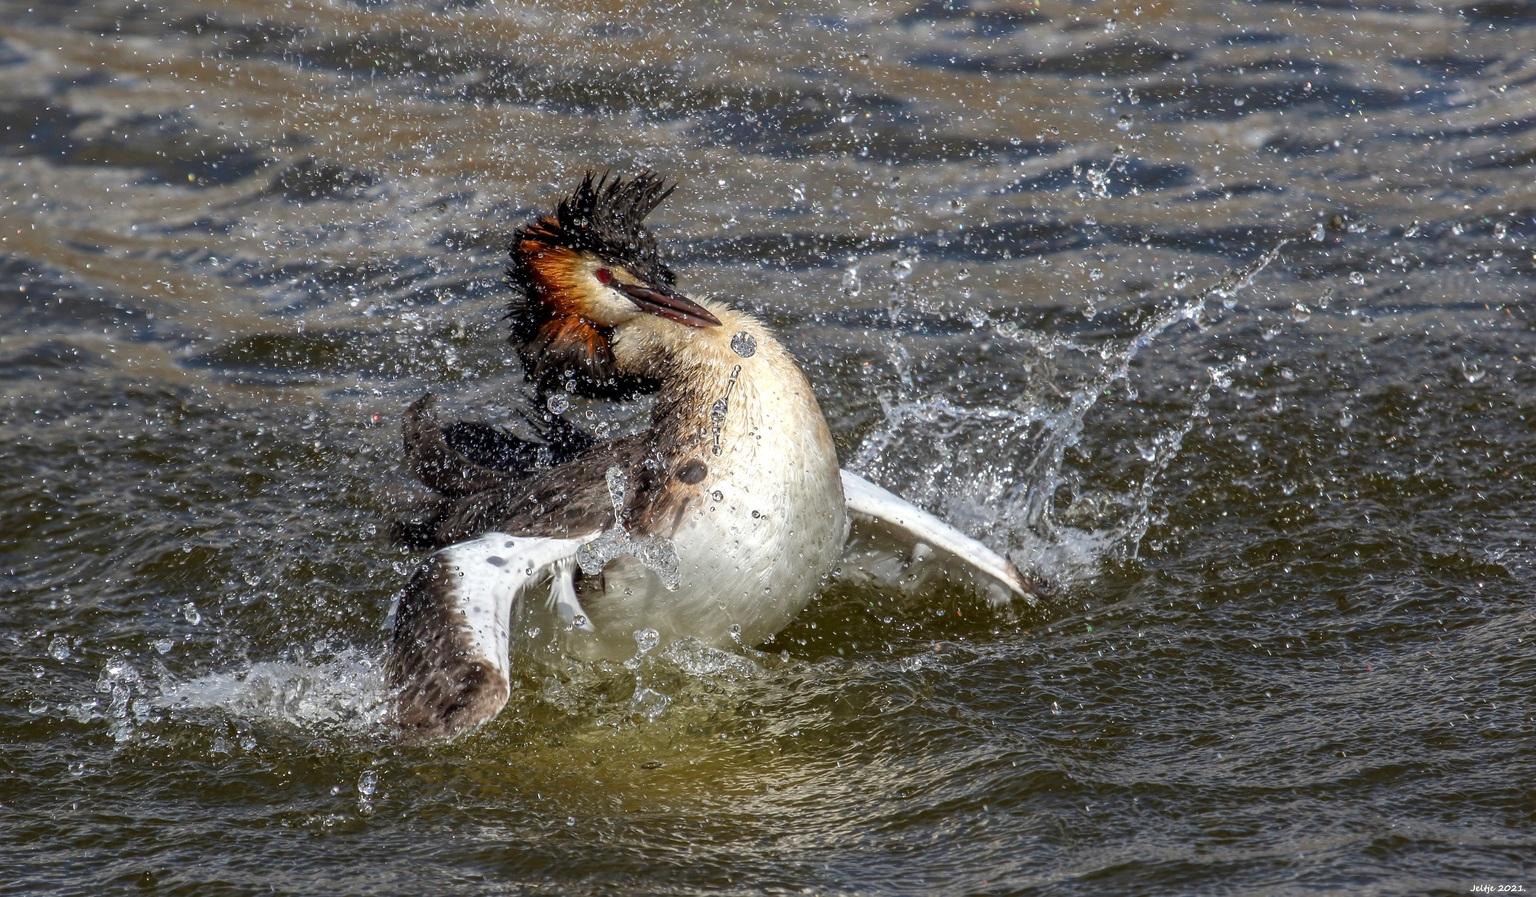 Fuut. - Fuut. - foto door ikjel op 12-04-2021 - deze foto bevat: water, vloeistof, bek, vogel, meer, carnivoor, eenden, ganzen en zwanen, vleugel, zeevogel, watervogels